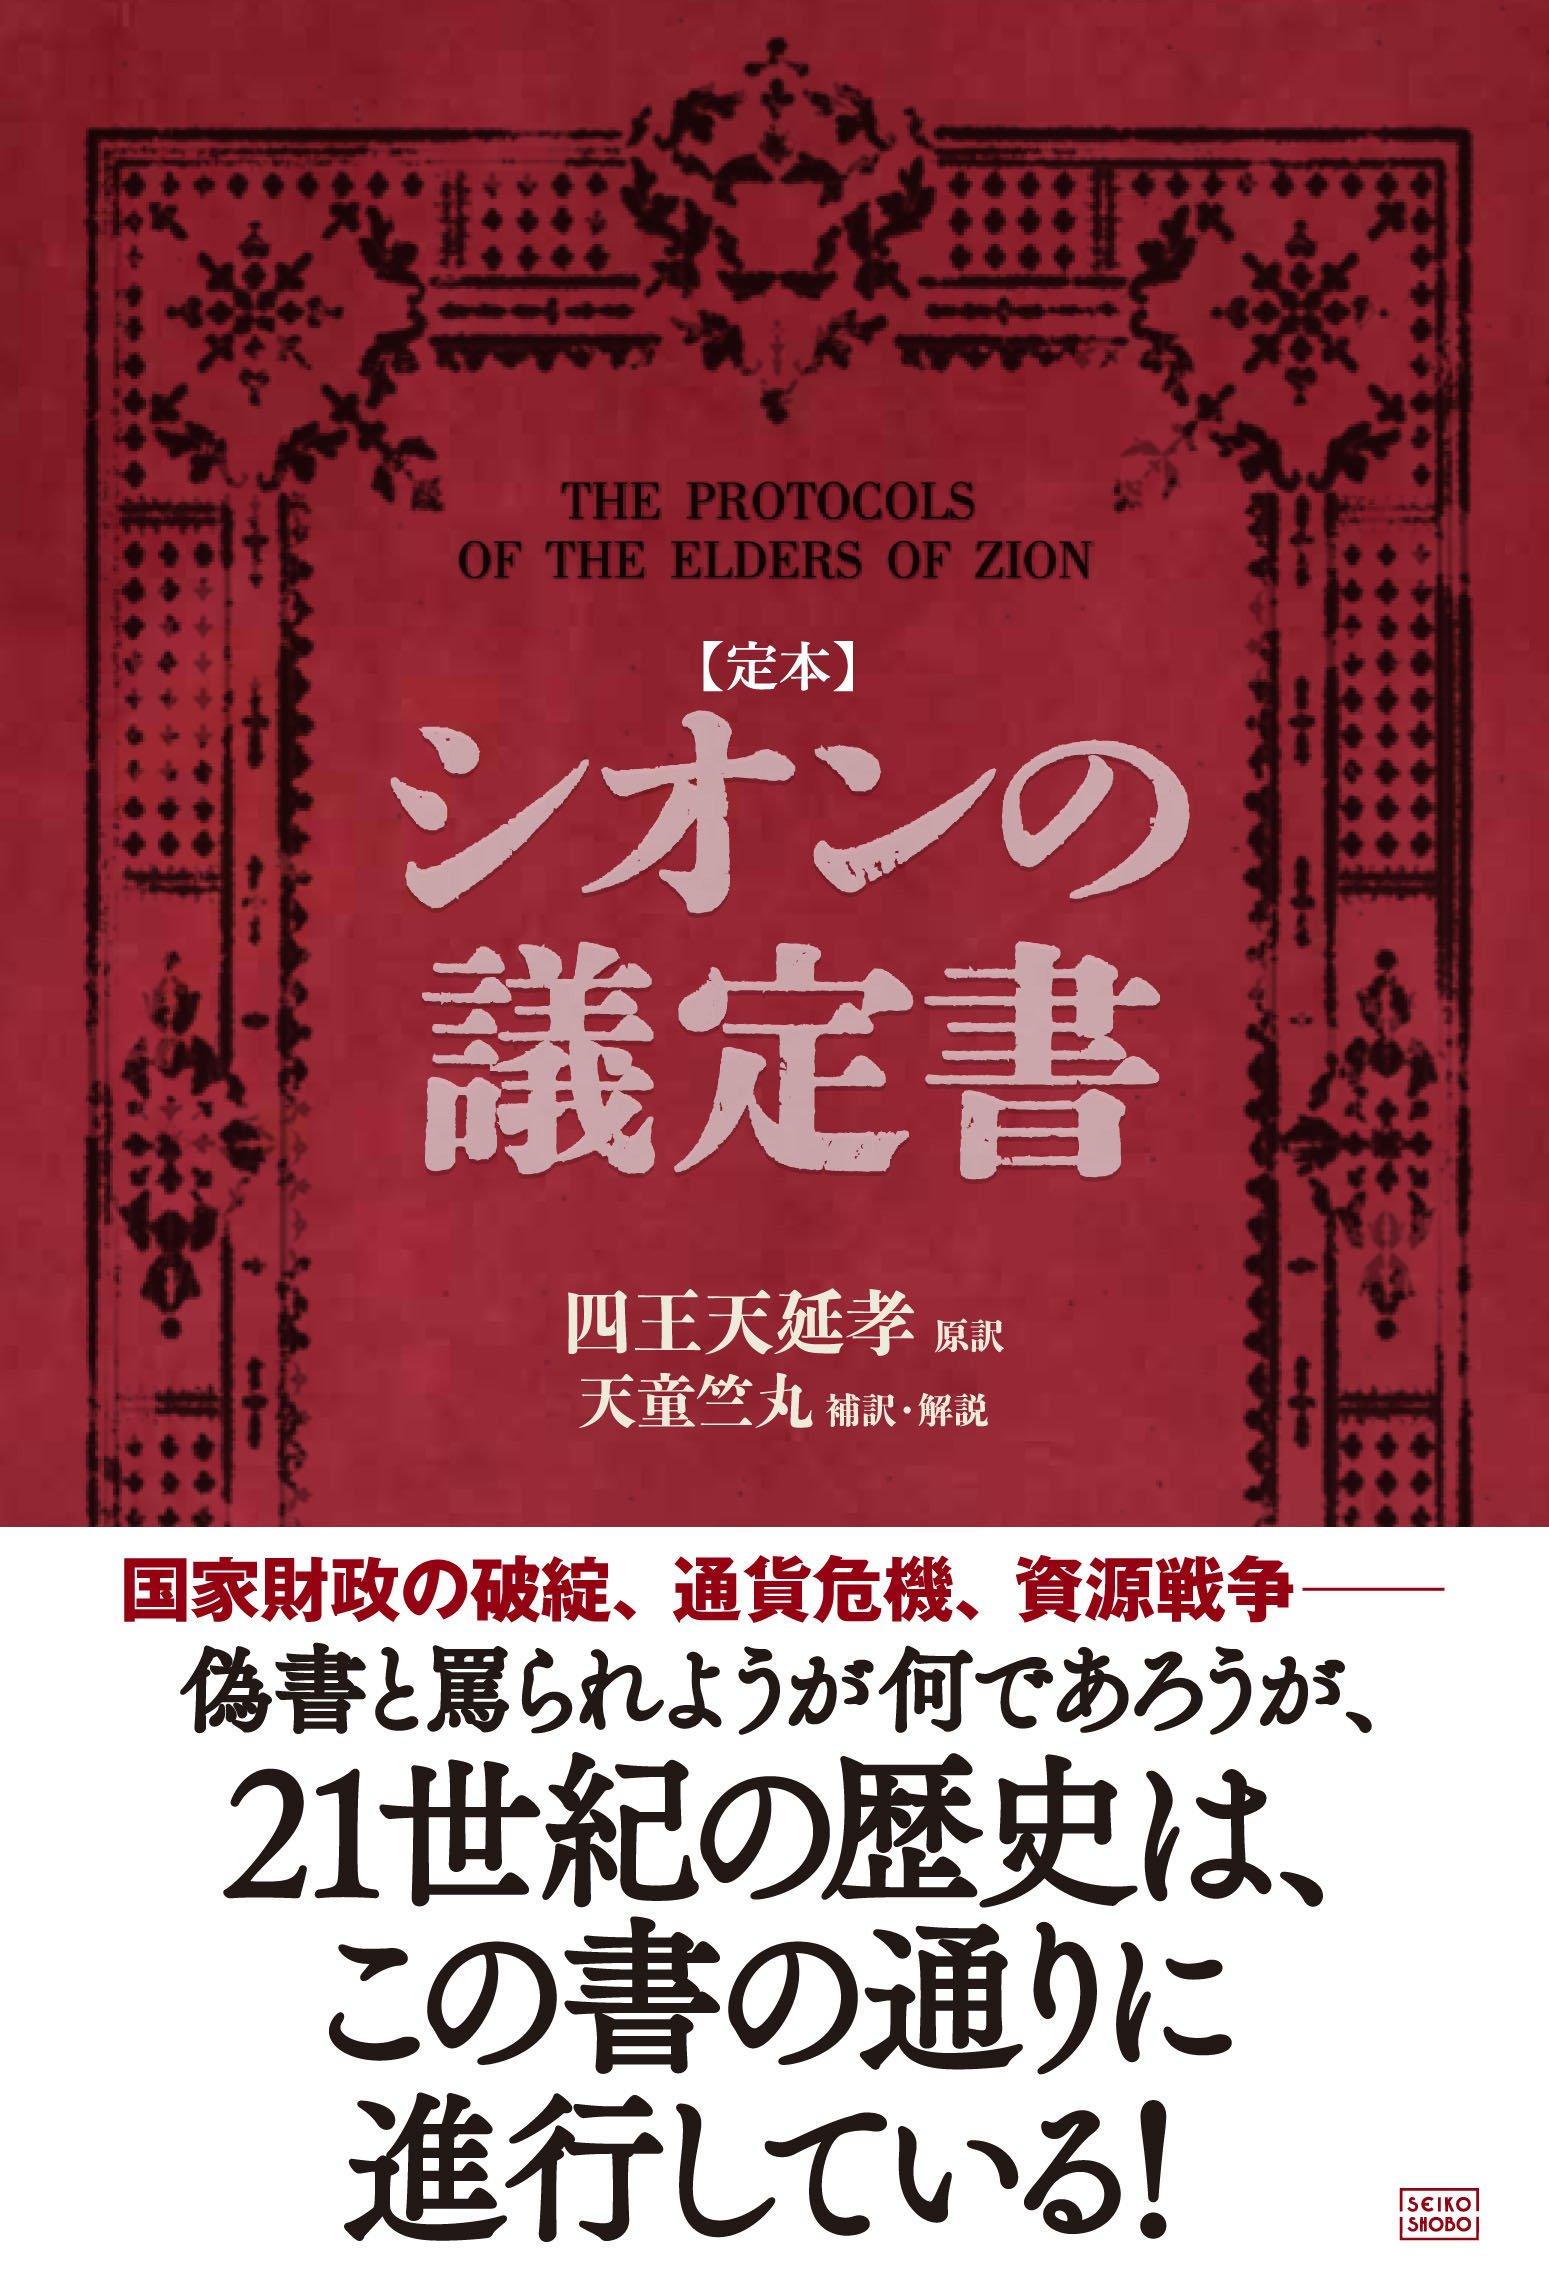 四王天延孝(2012)『【定本】シオンの議定書』成甲書房